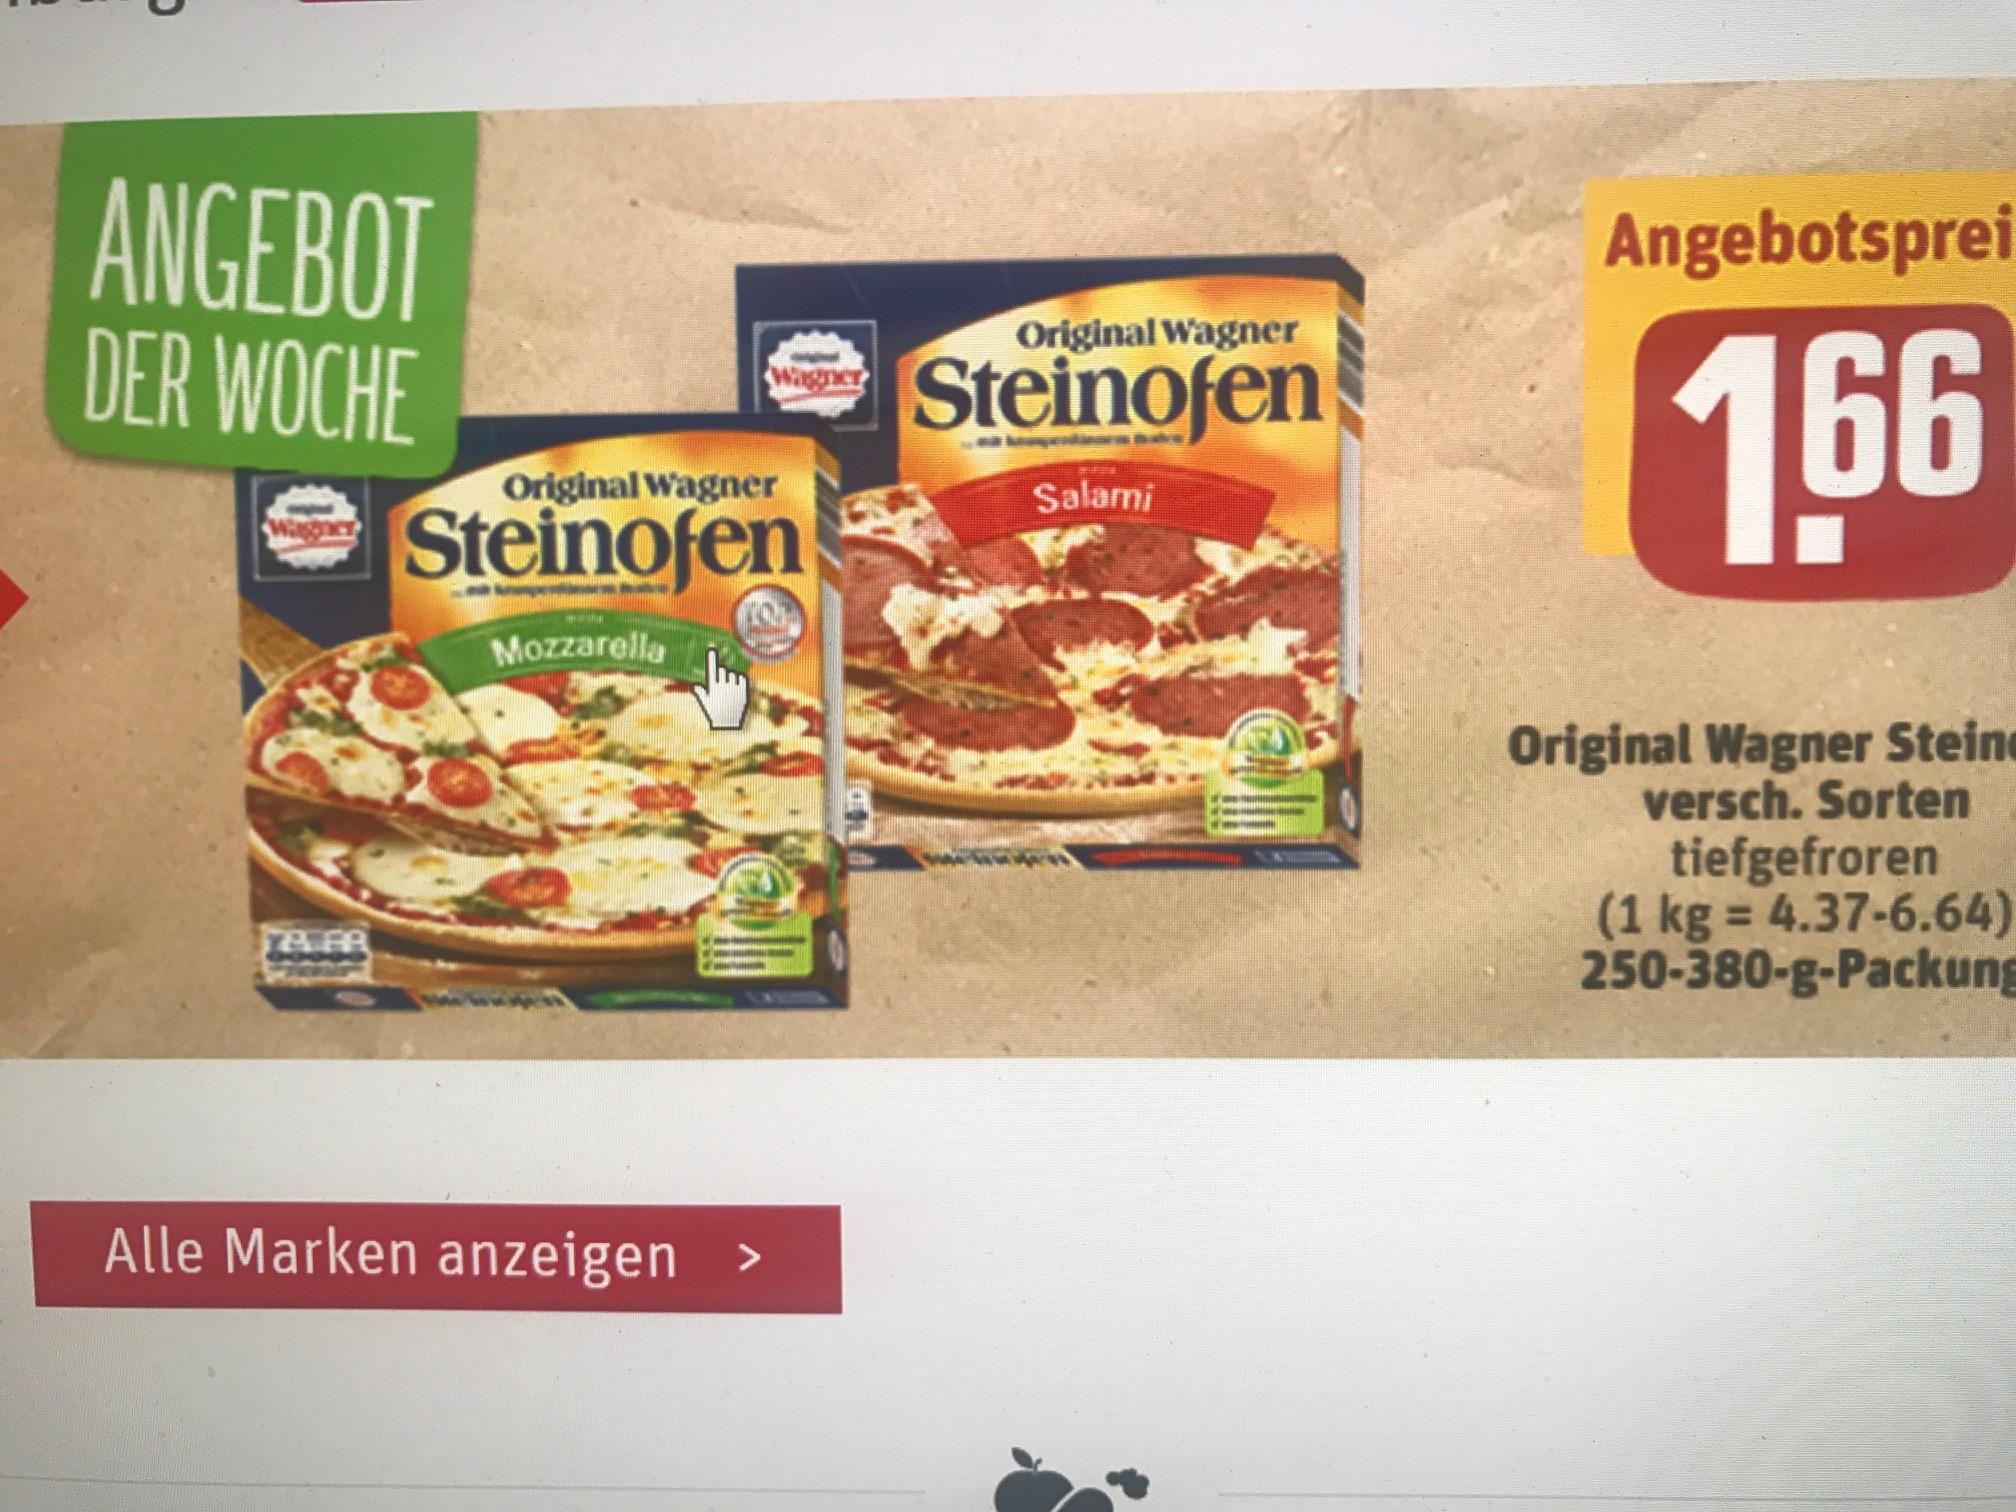 REWE lokal und online...Wagner Steinofenpizza für 1,66